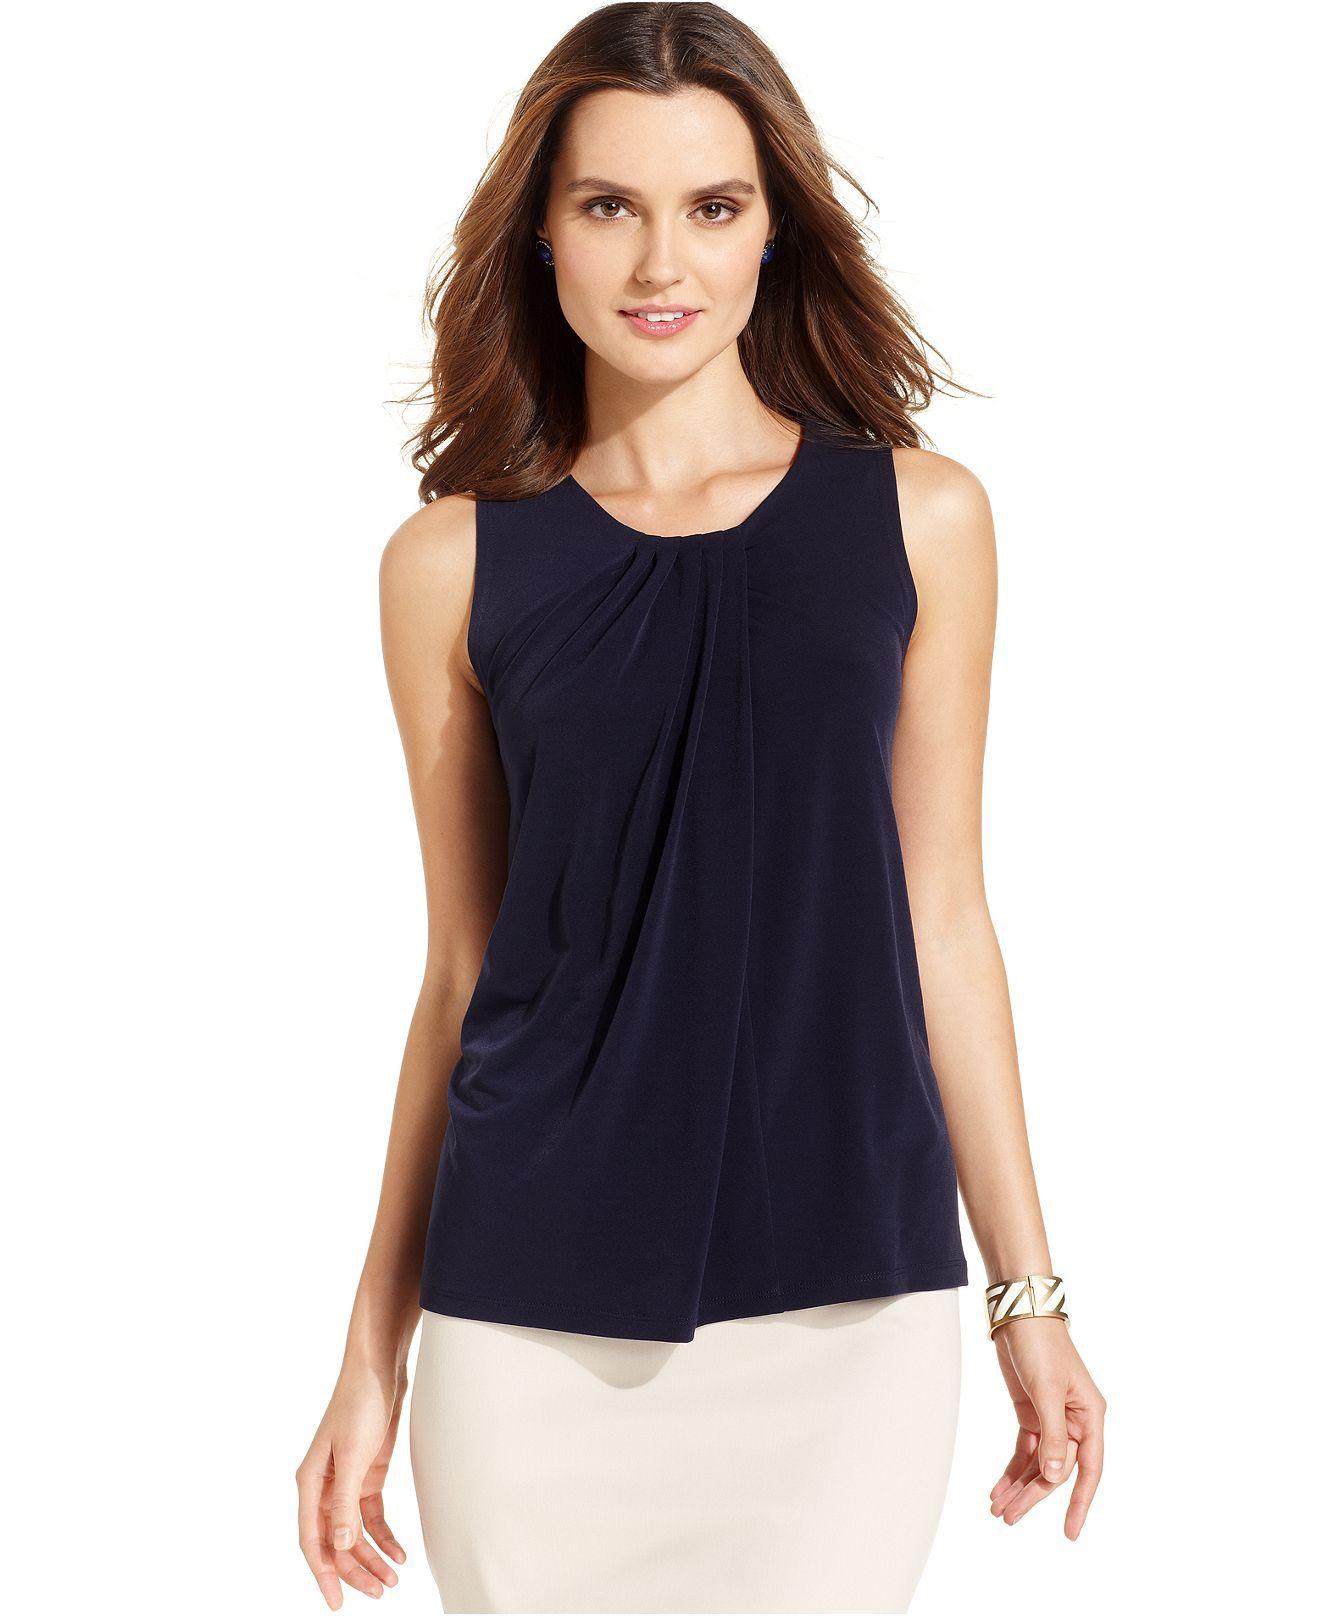 Womens Shirts Macys Lauren Goss